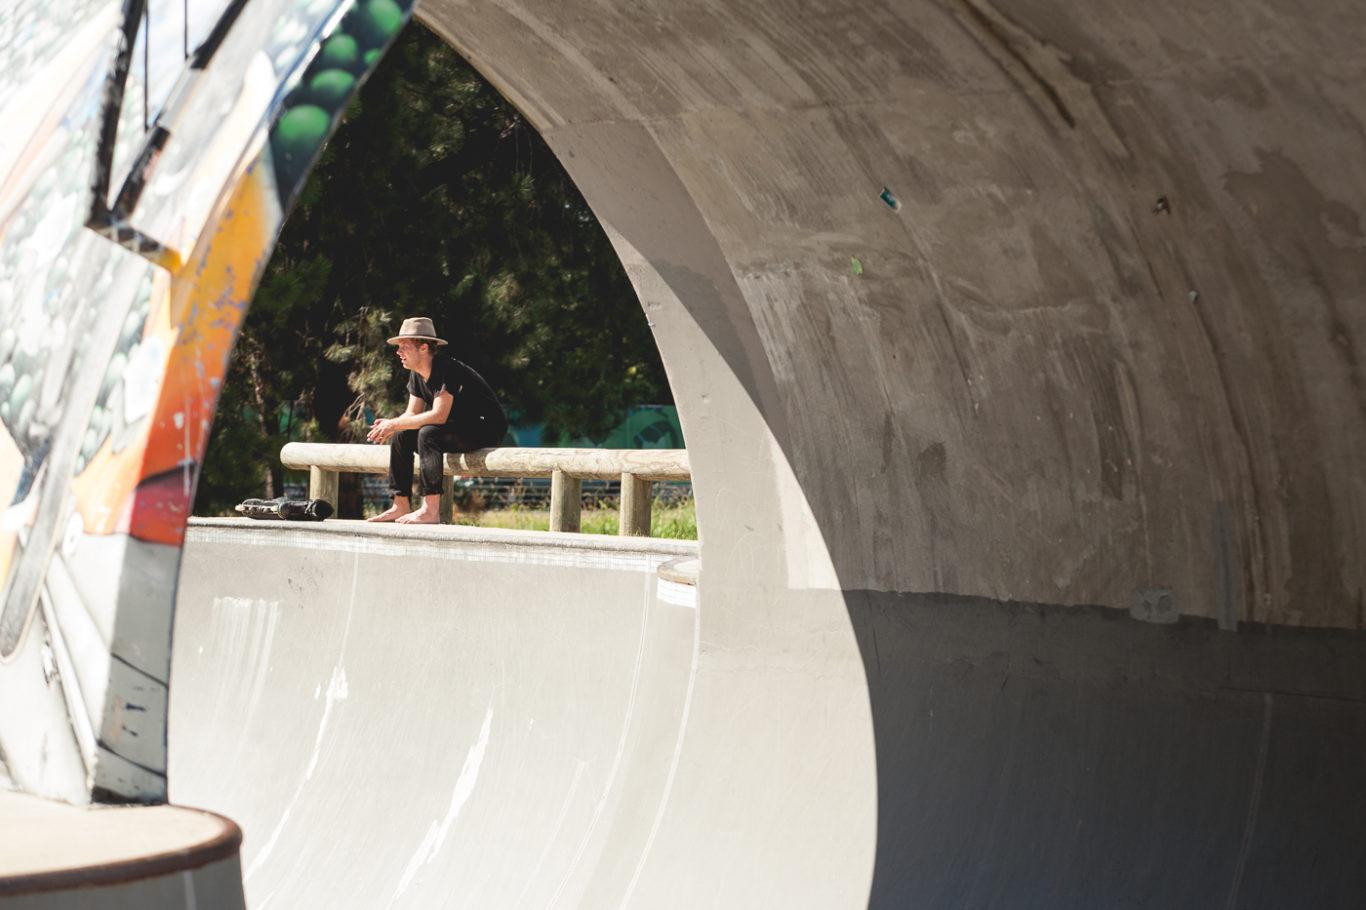 Sydney_Brisbane_Tour-765_Craig Brocklehurst